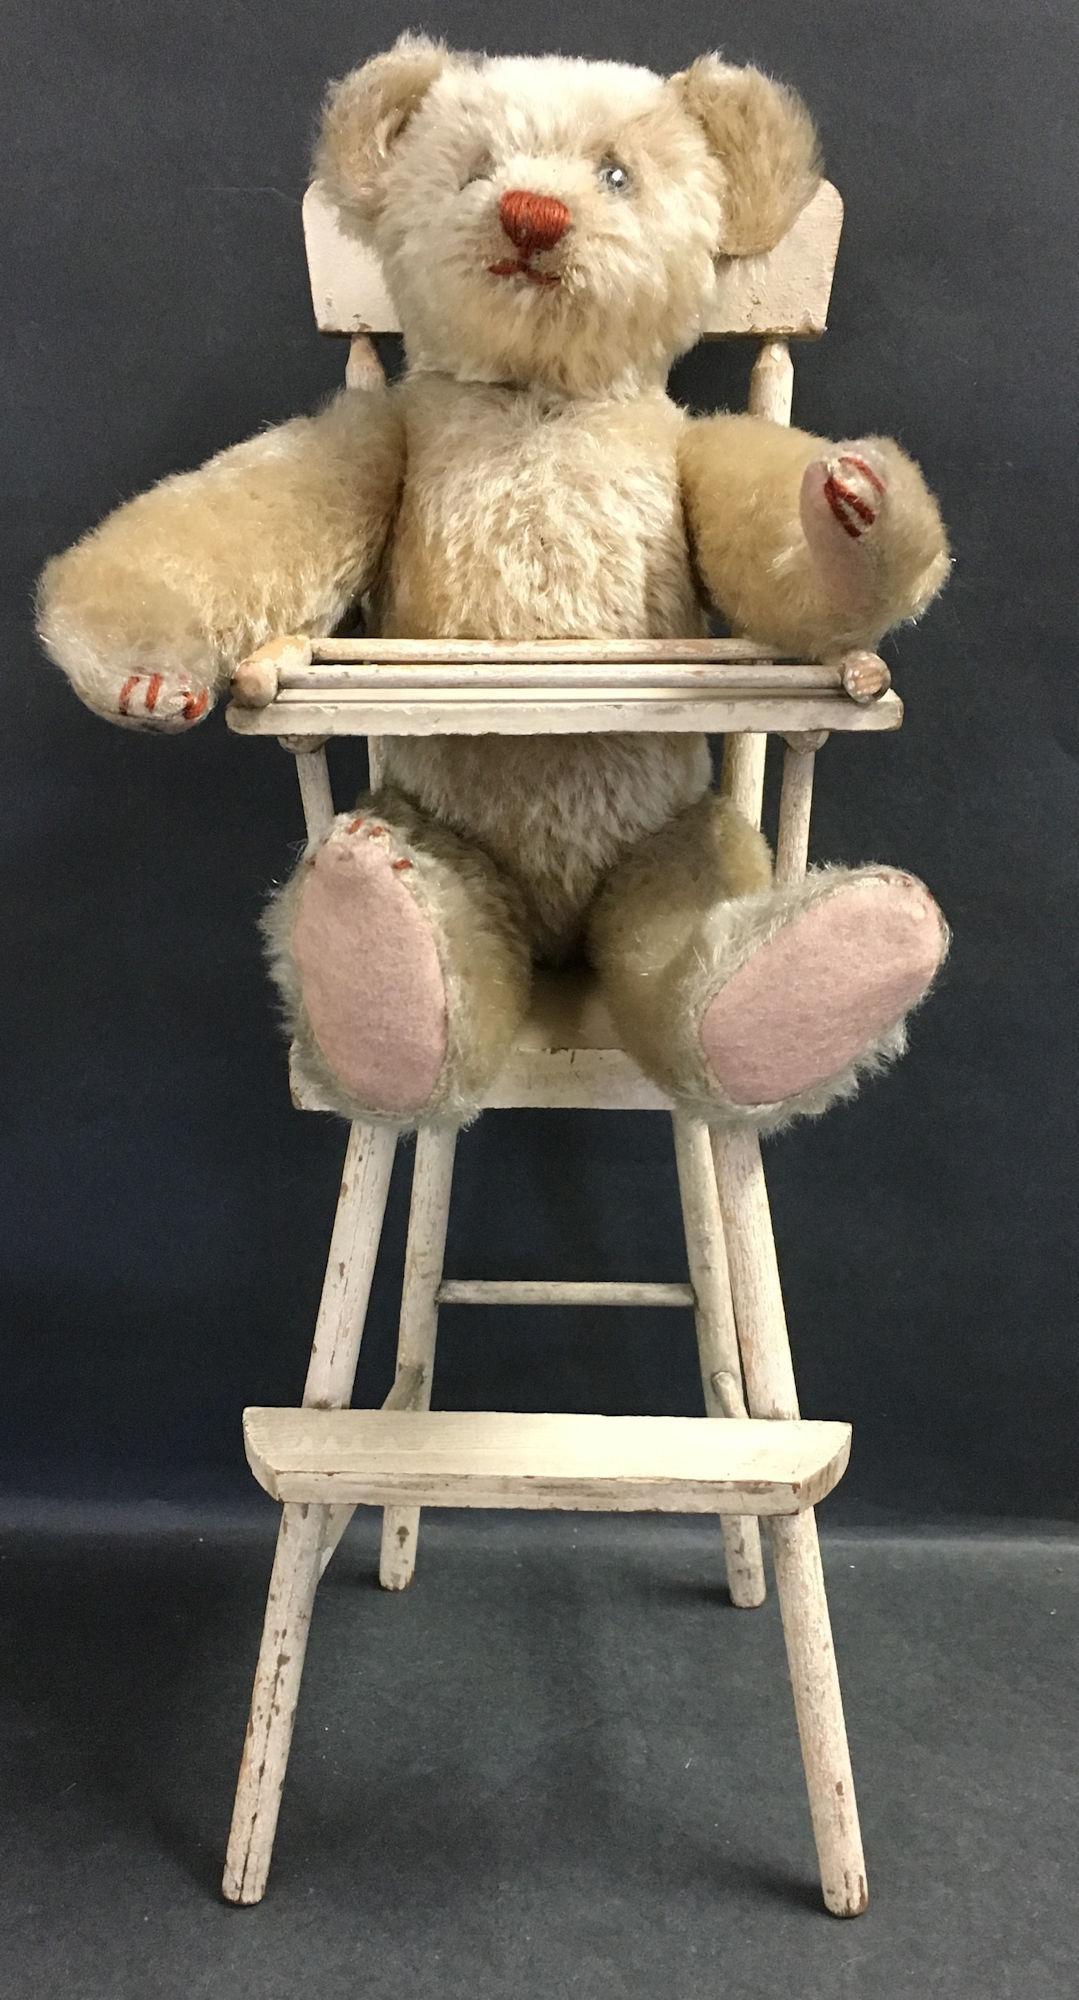 EARLY HECLA TEDDY BEAR. BEIGE MOHAIR